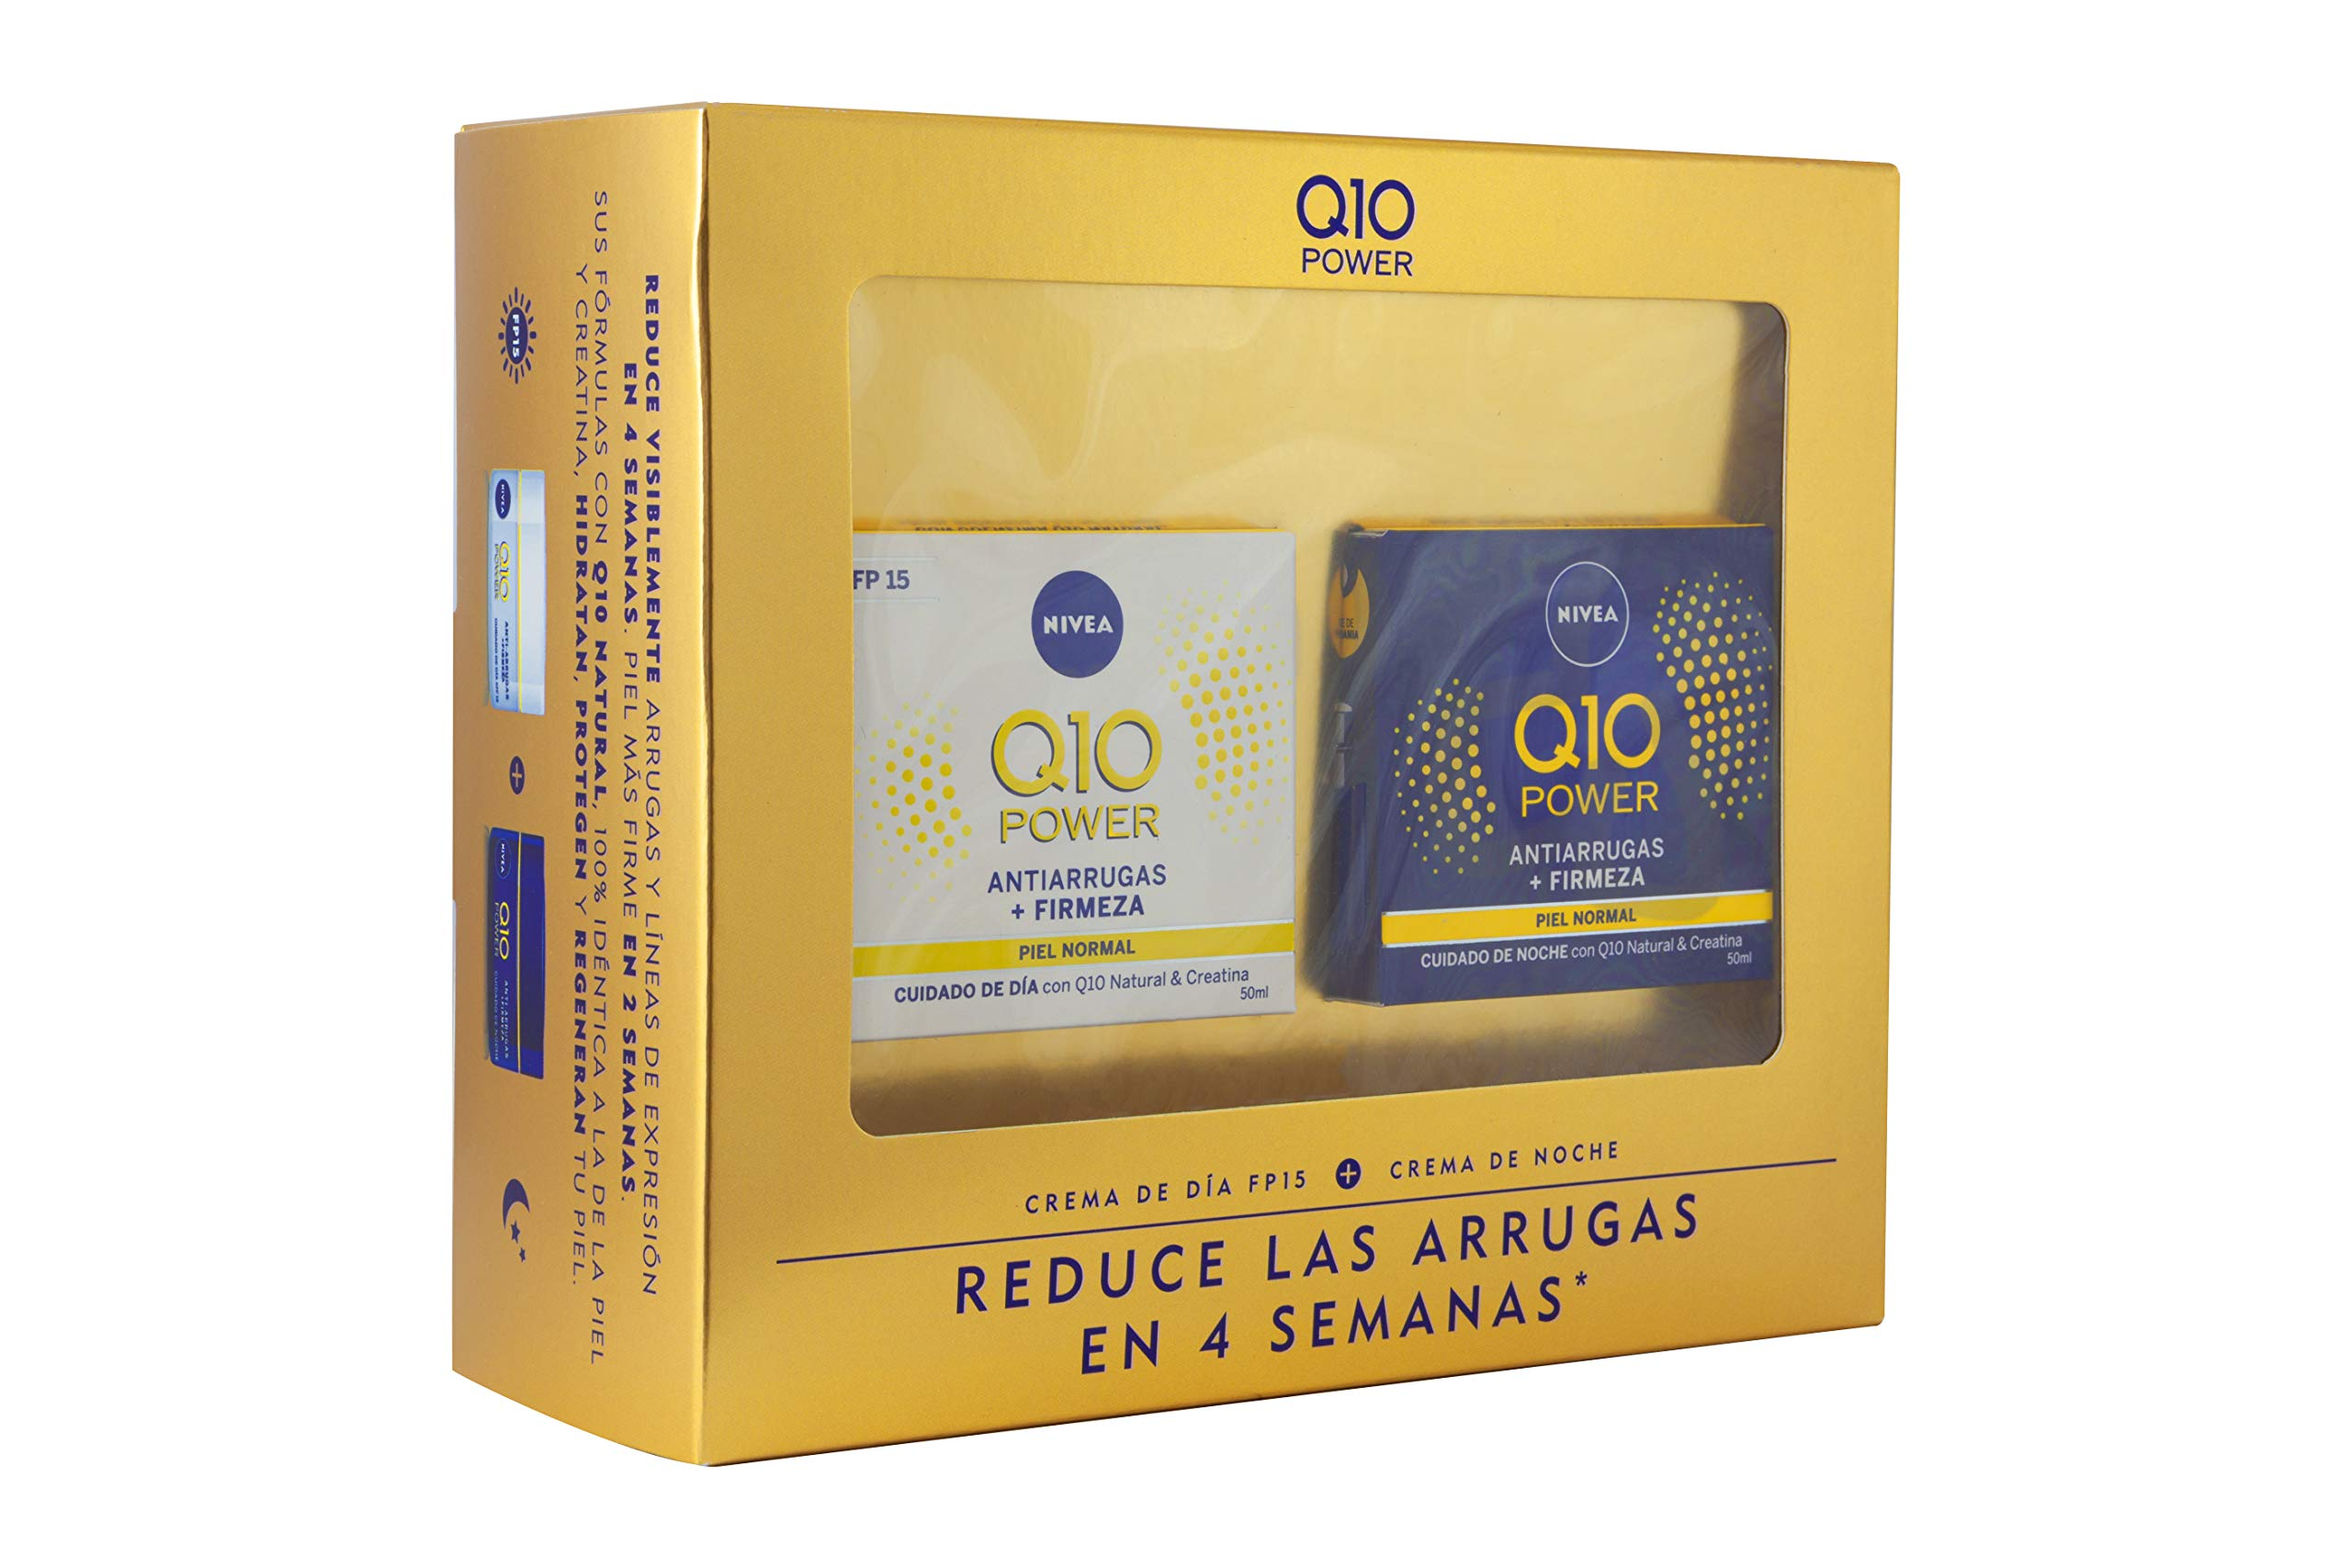 Nivea Q10 Power Set de Cremas para Reducir las Arrugas en 4 Semanas, Día y Noche  (2 x 50 ml)